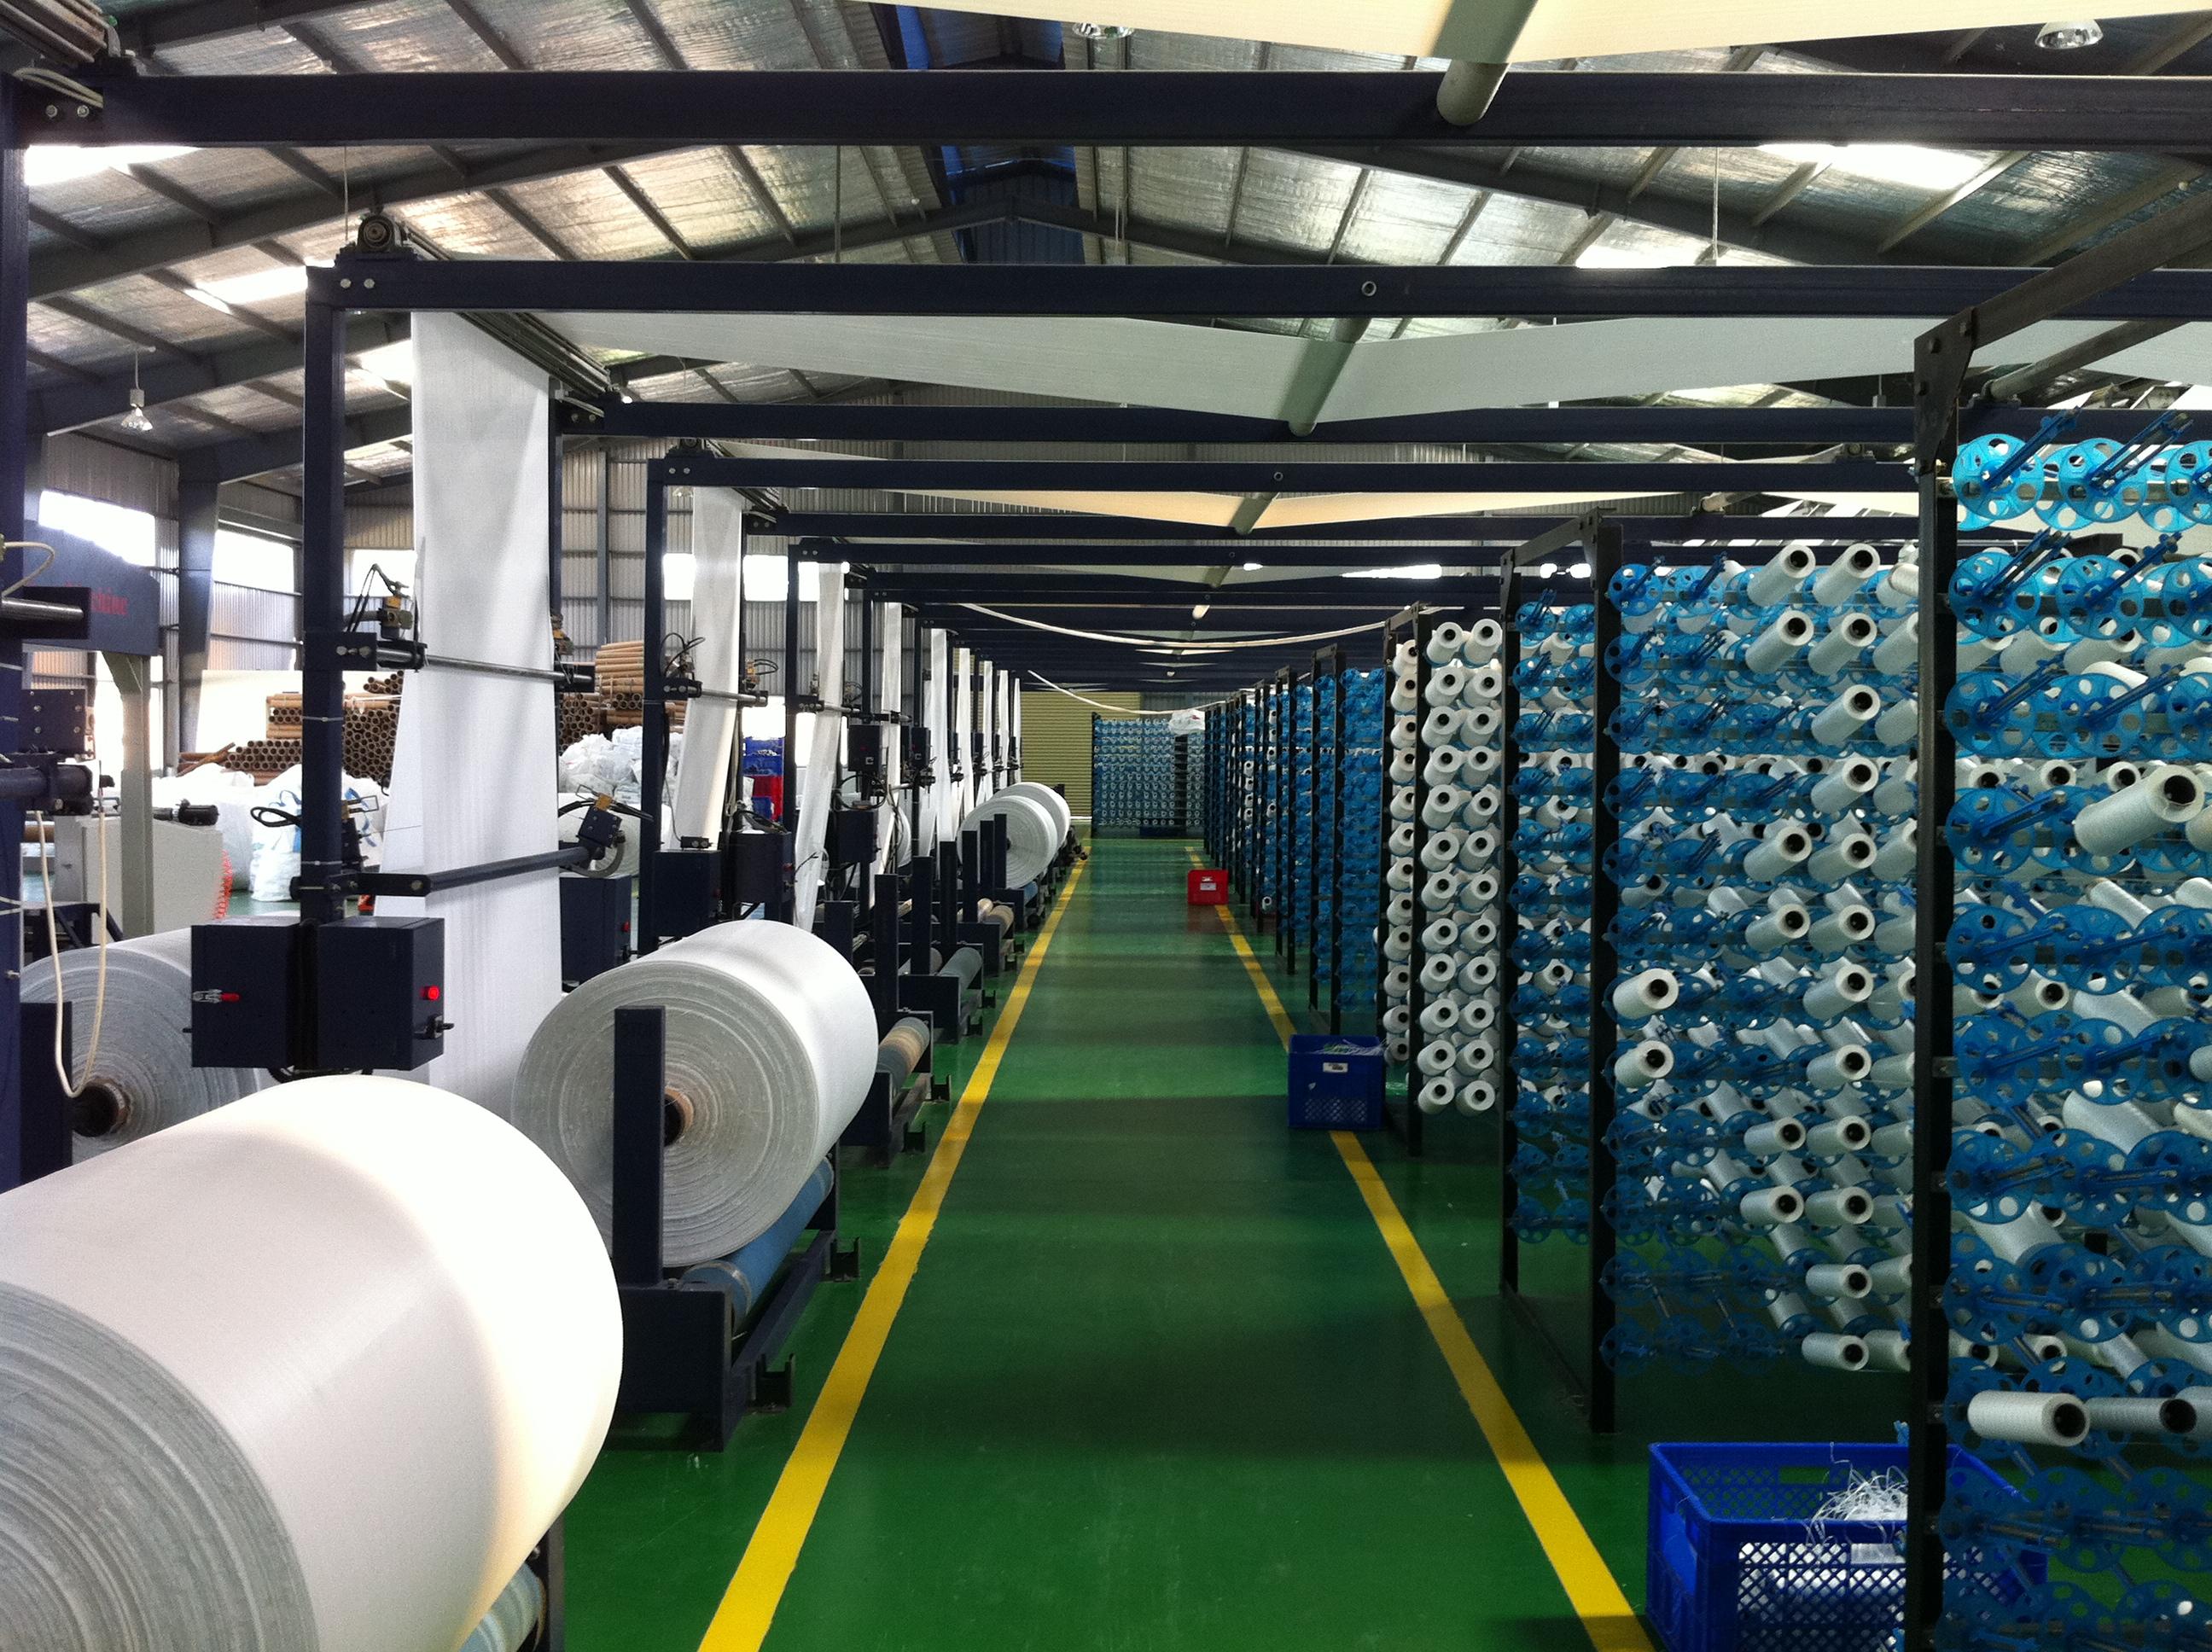 xưởng sản xuất bao bì